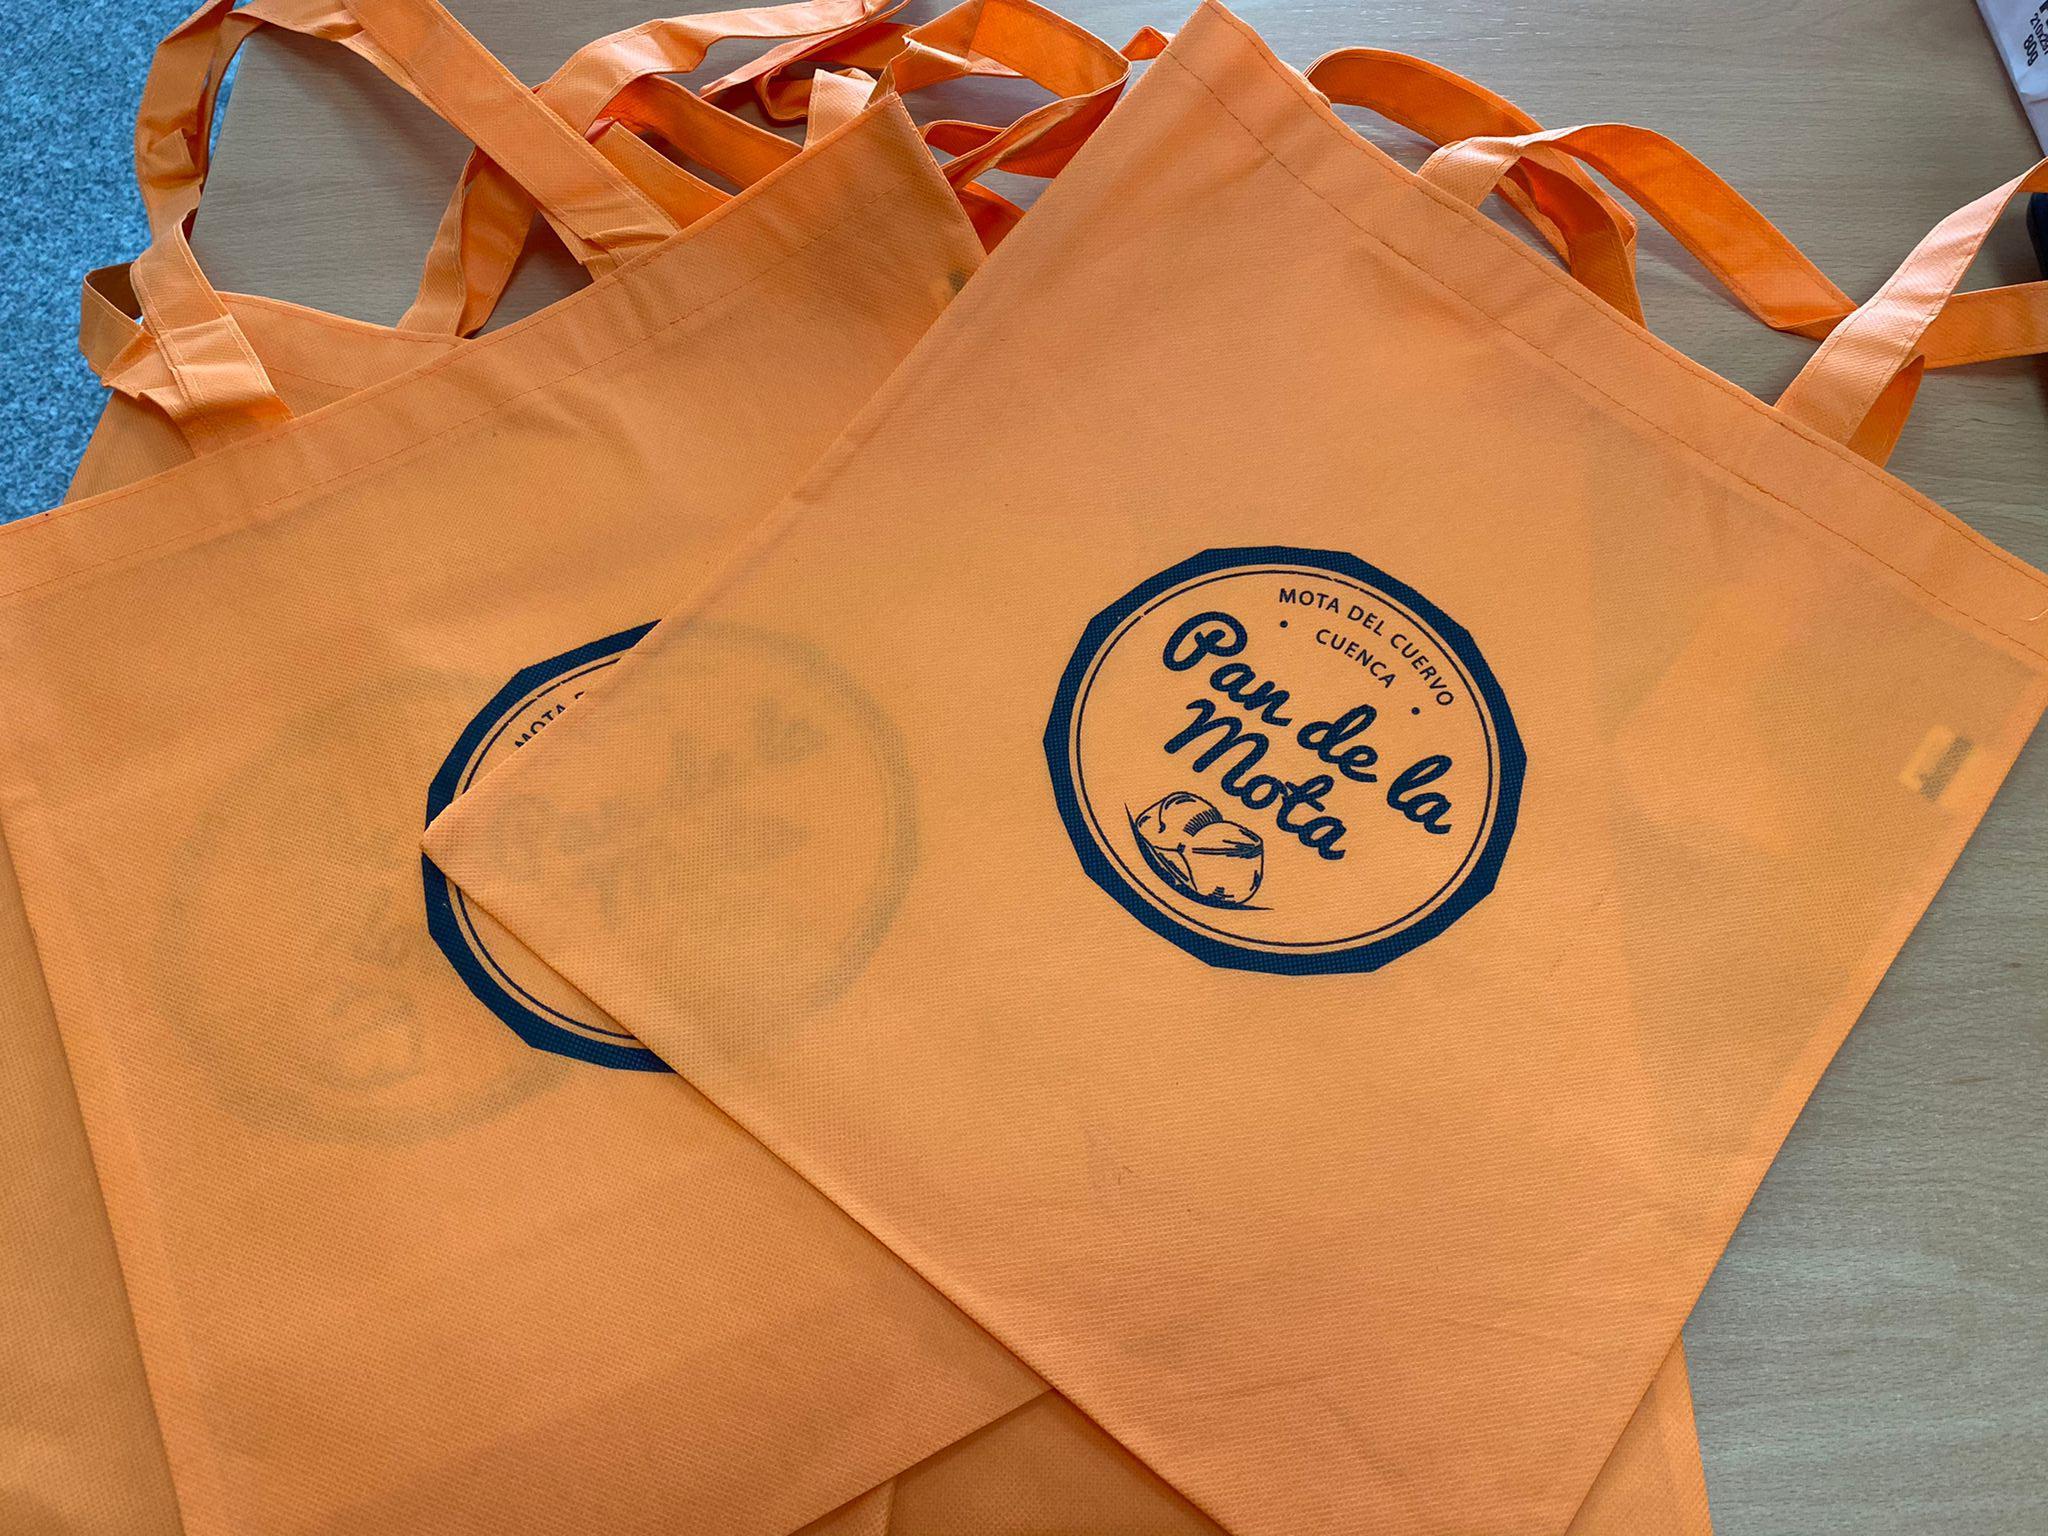 """El Ayuntamiento de Mota continúa con su campaña de promoción de la marca """"Pan de la Mota"""" con la edición de bolsas reutilizables"""